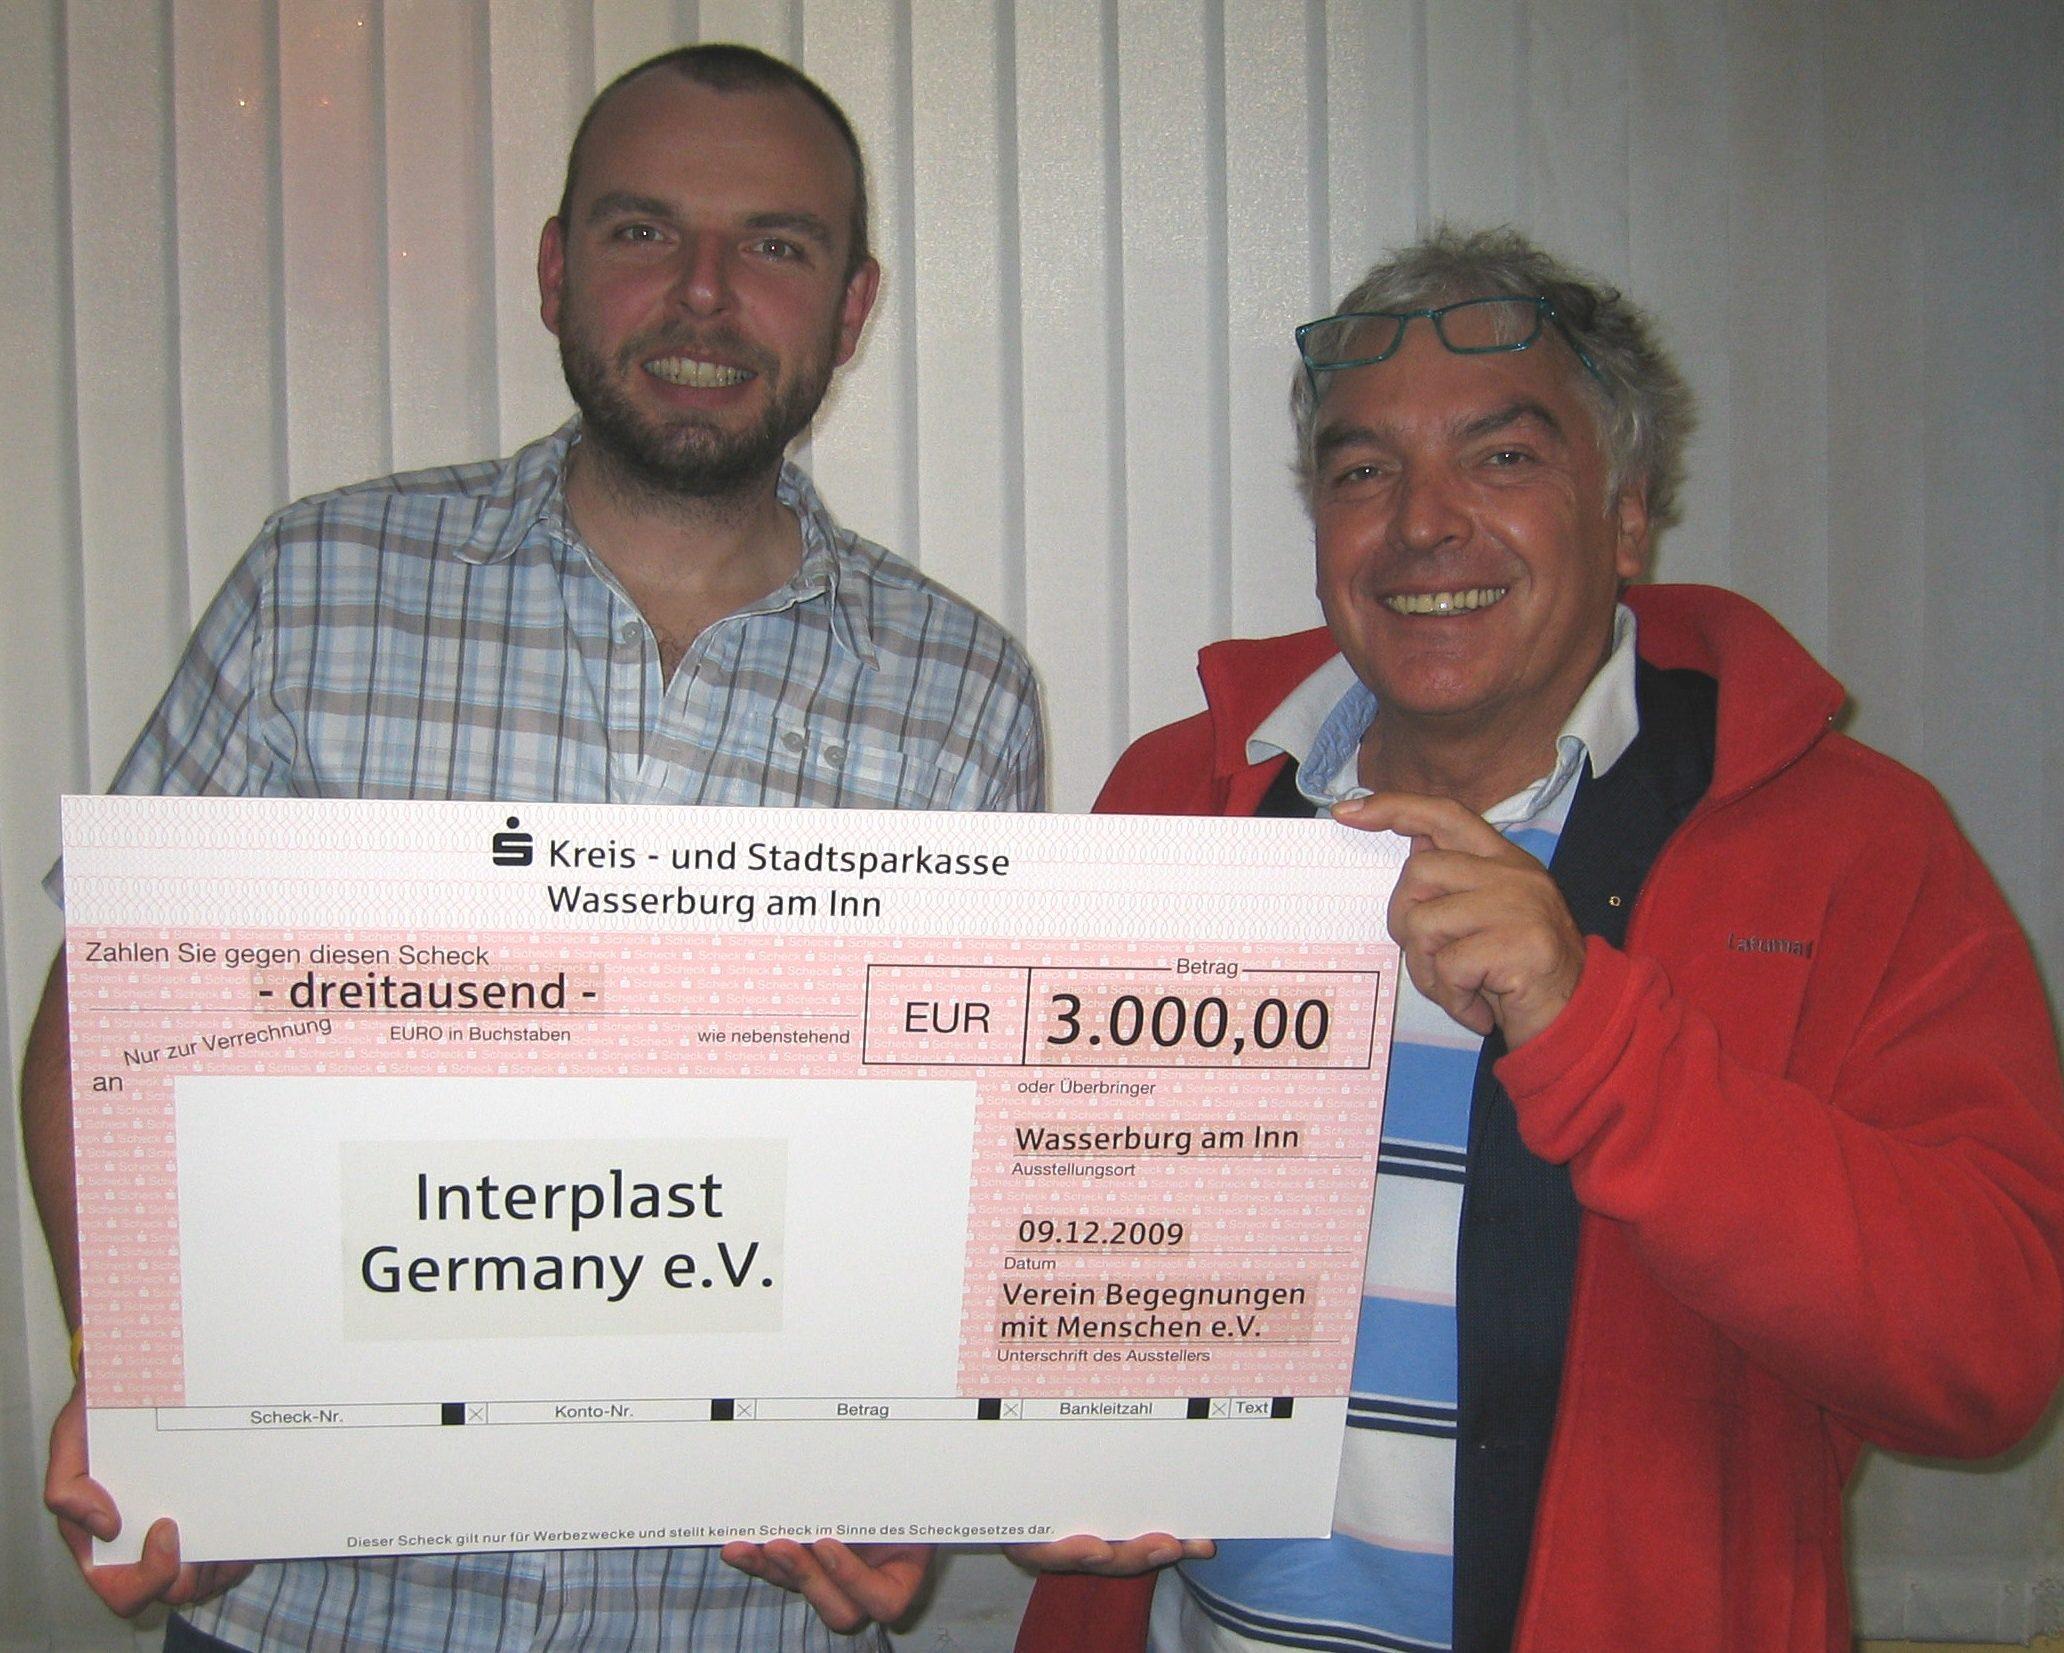 """Andreas Bauer vom Wasserburger Verein """"Begegnungen mit Menschen"""" und Prof Dr Hajo Schneck vom Ebersberger Förderverein Interplast e.V."""